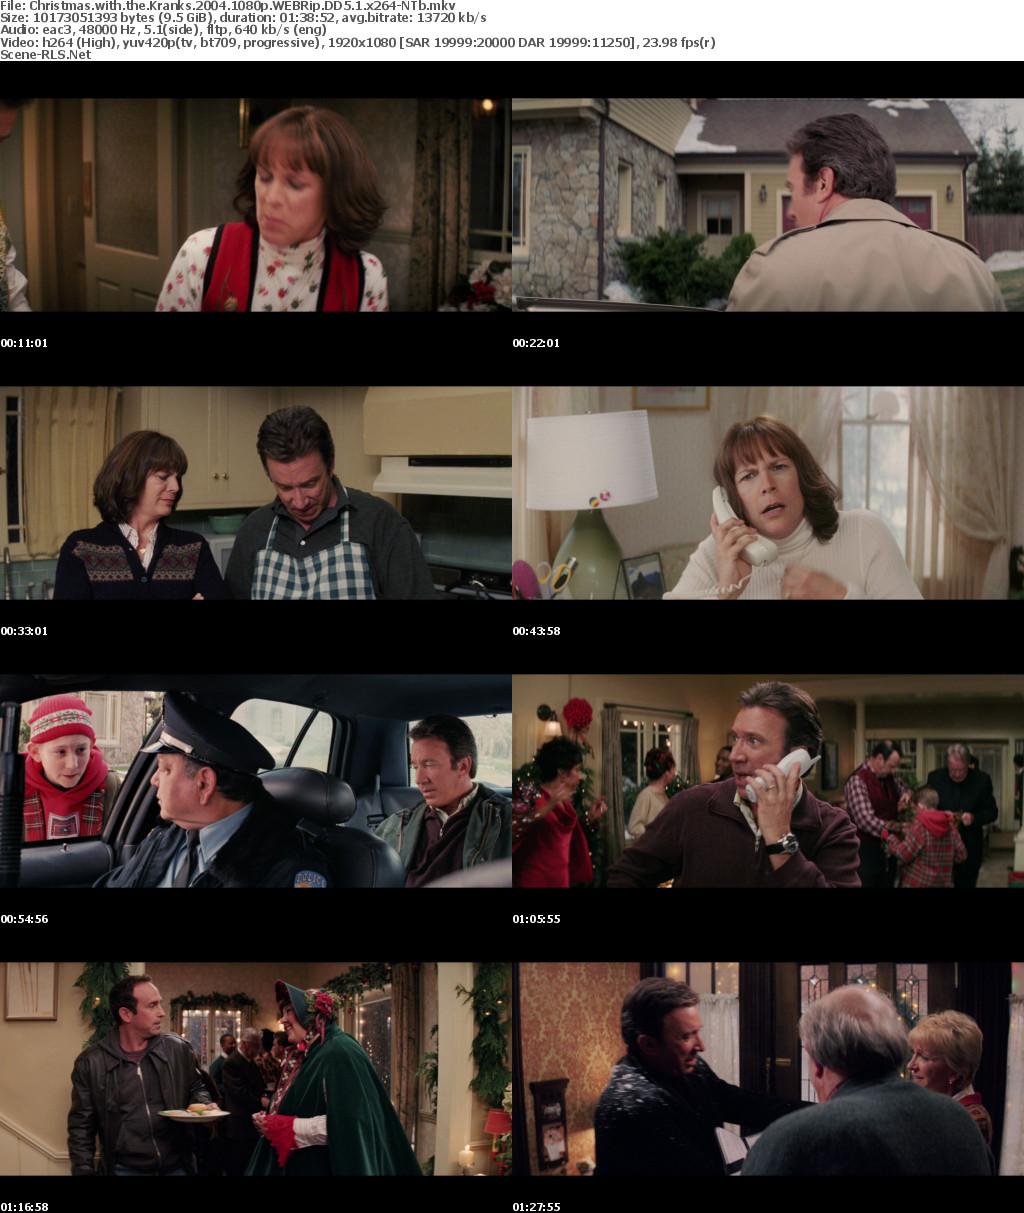 links screenshot imdb subtitle christmas with the kranks - Imdb Christmas With The Kranks